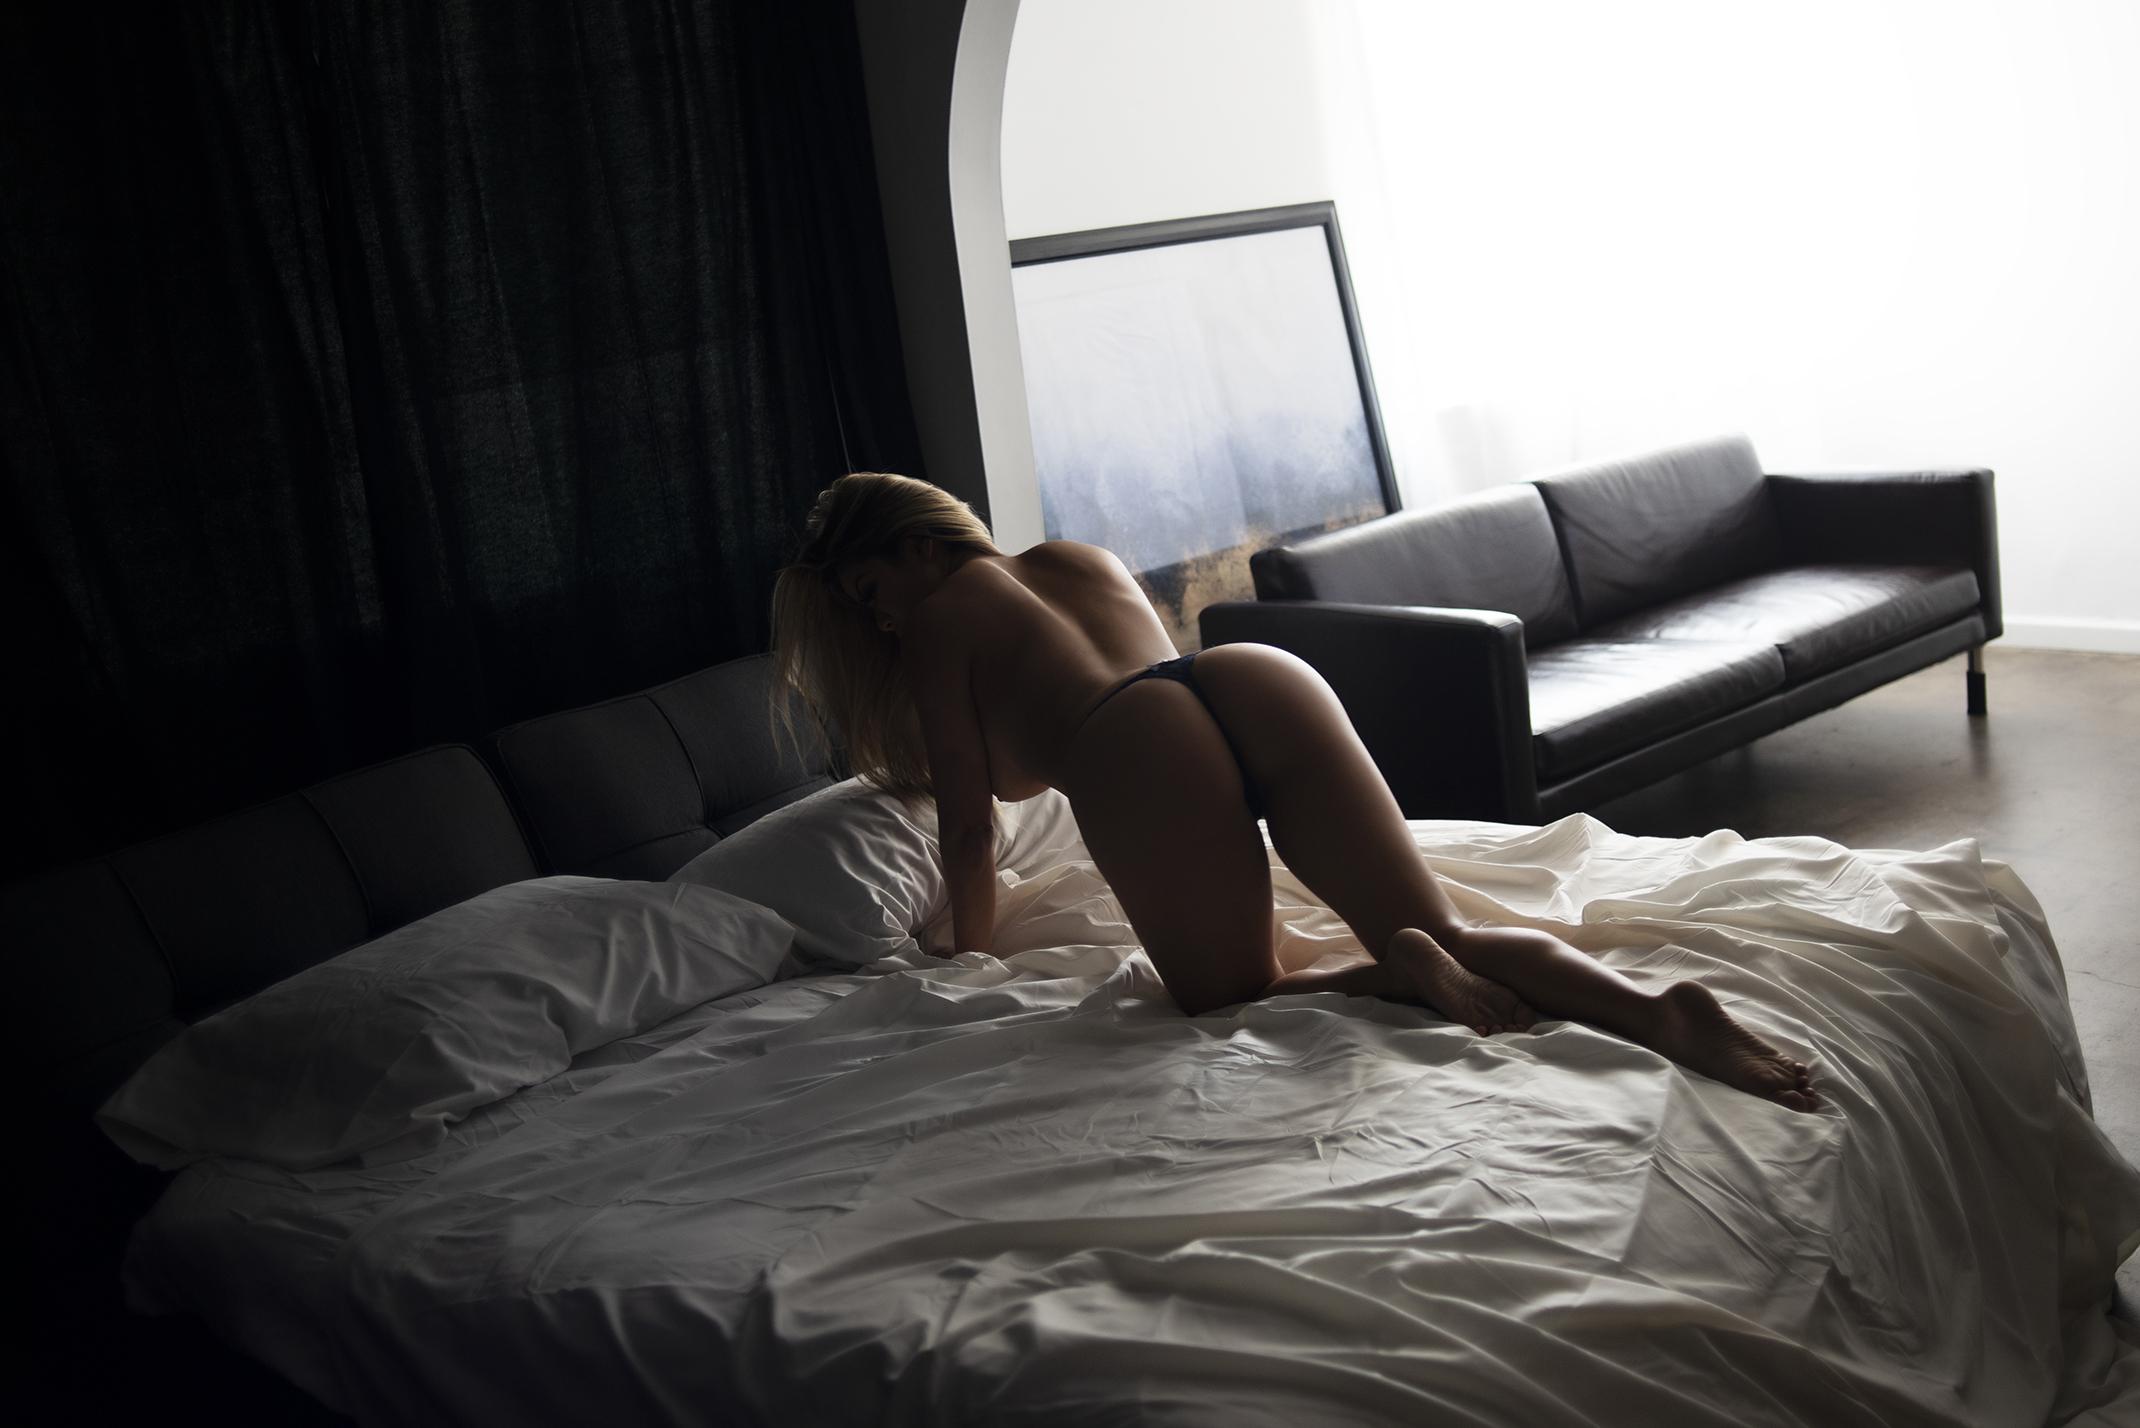 phoenix boudoir photographer, boudoir photography, boudoir photographer, scottsdale boudoir photographer, arizona boudoir photographer